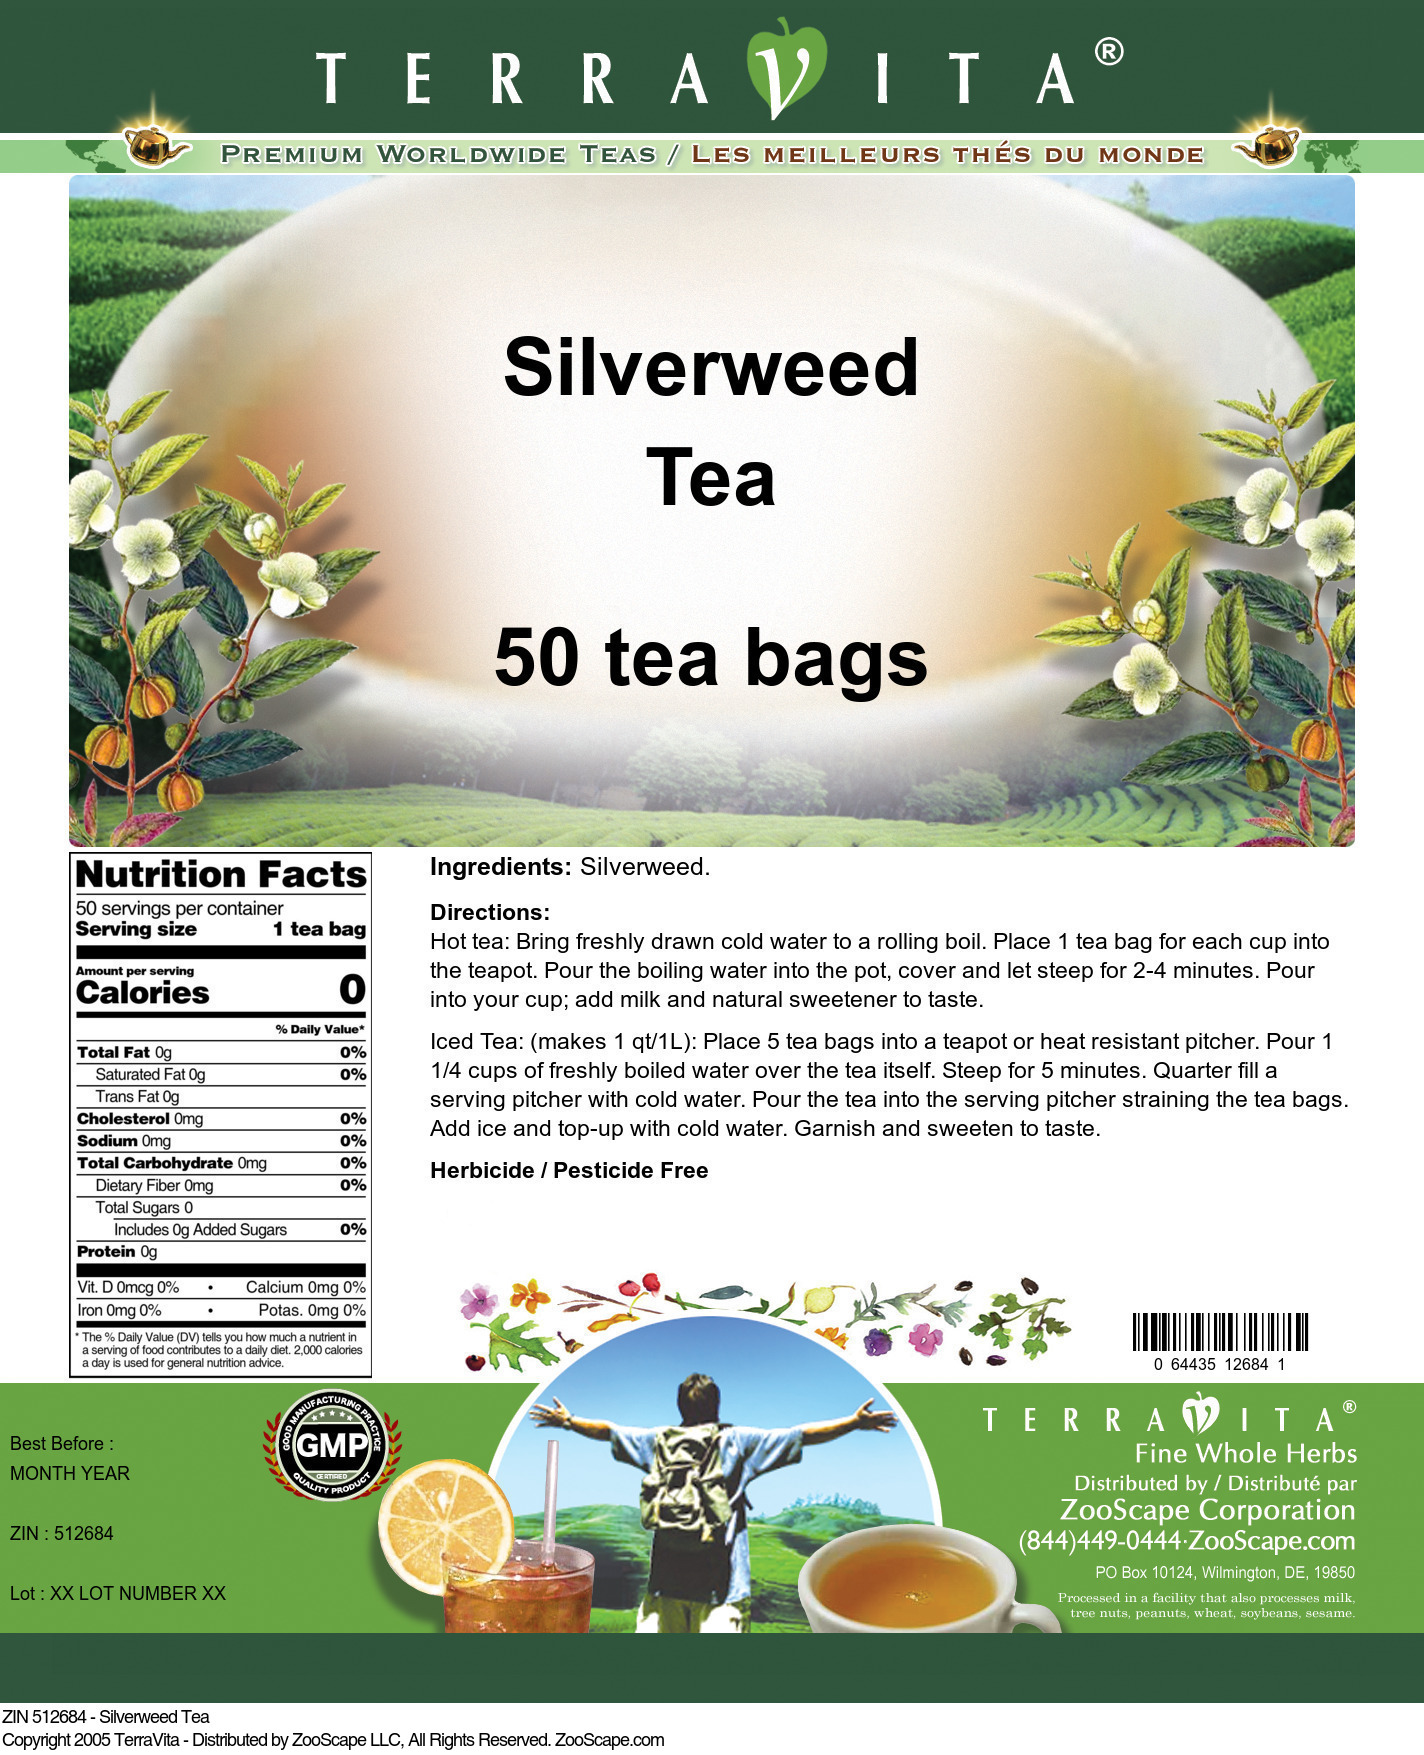 Silverweed Tea